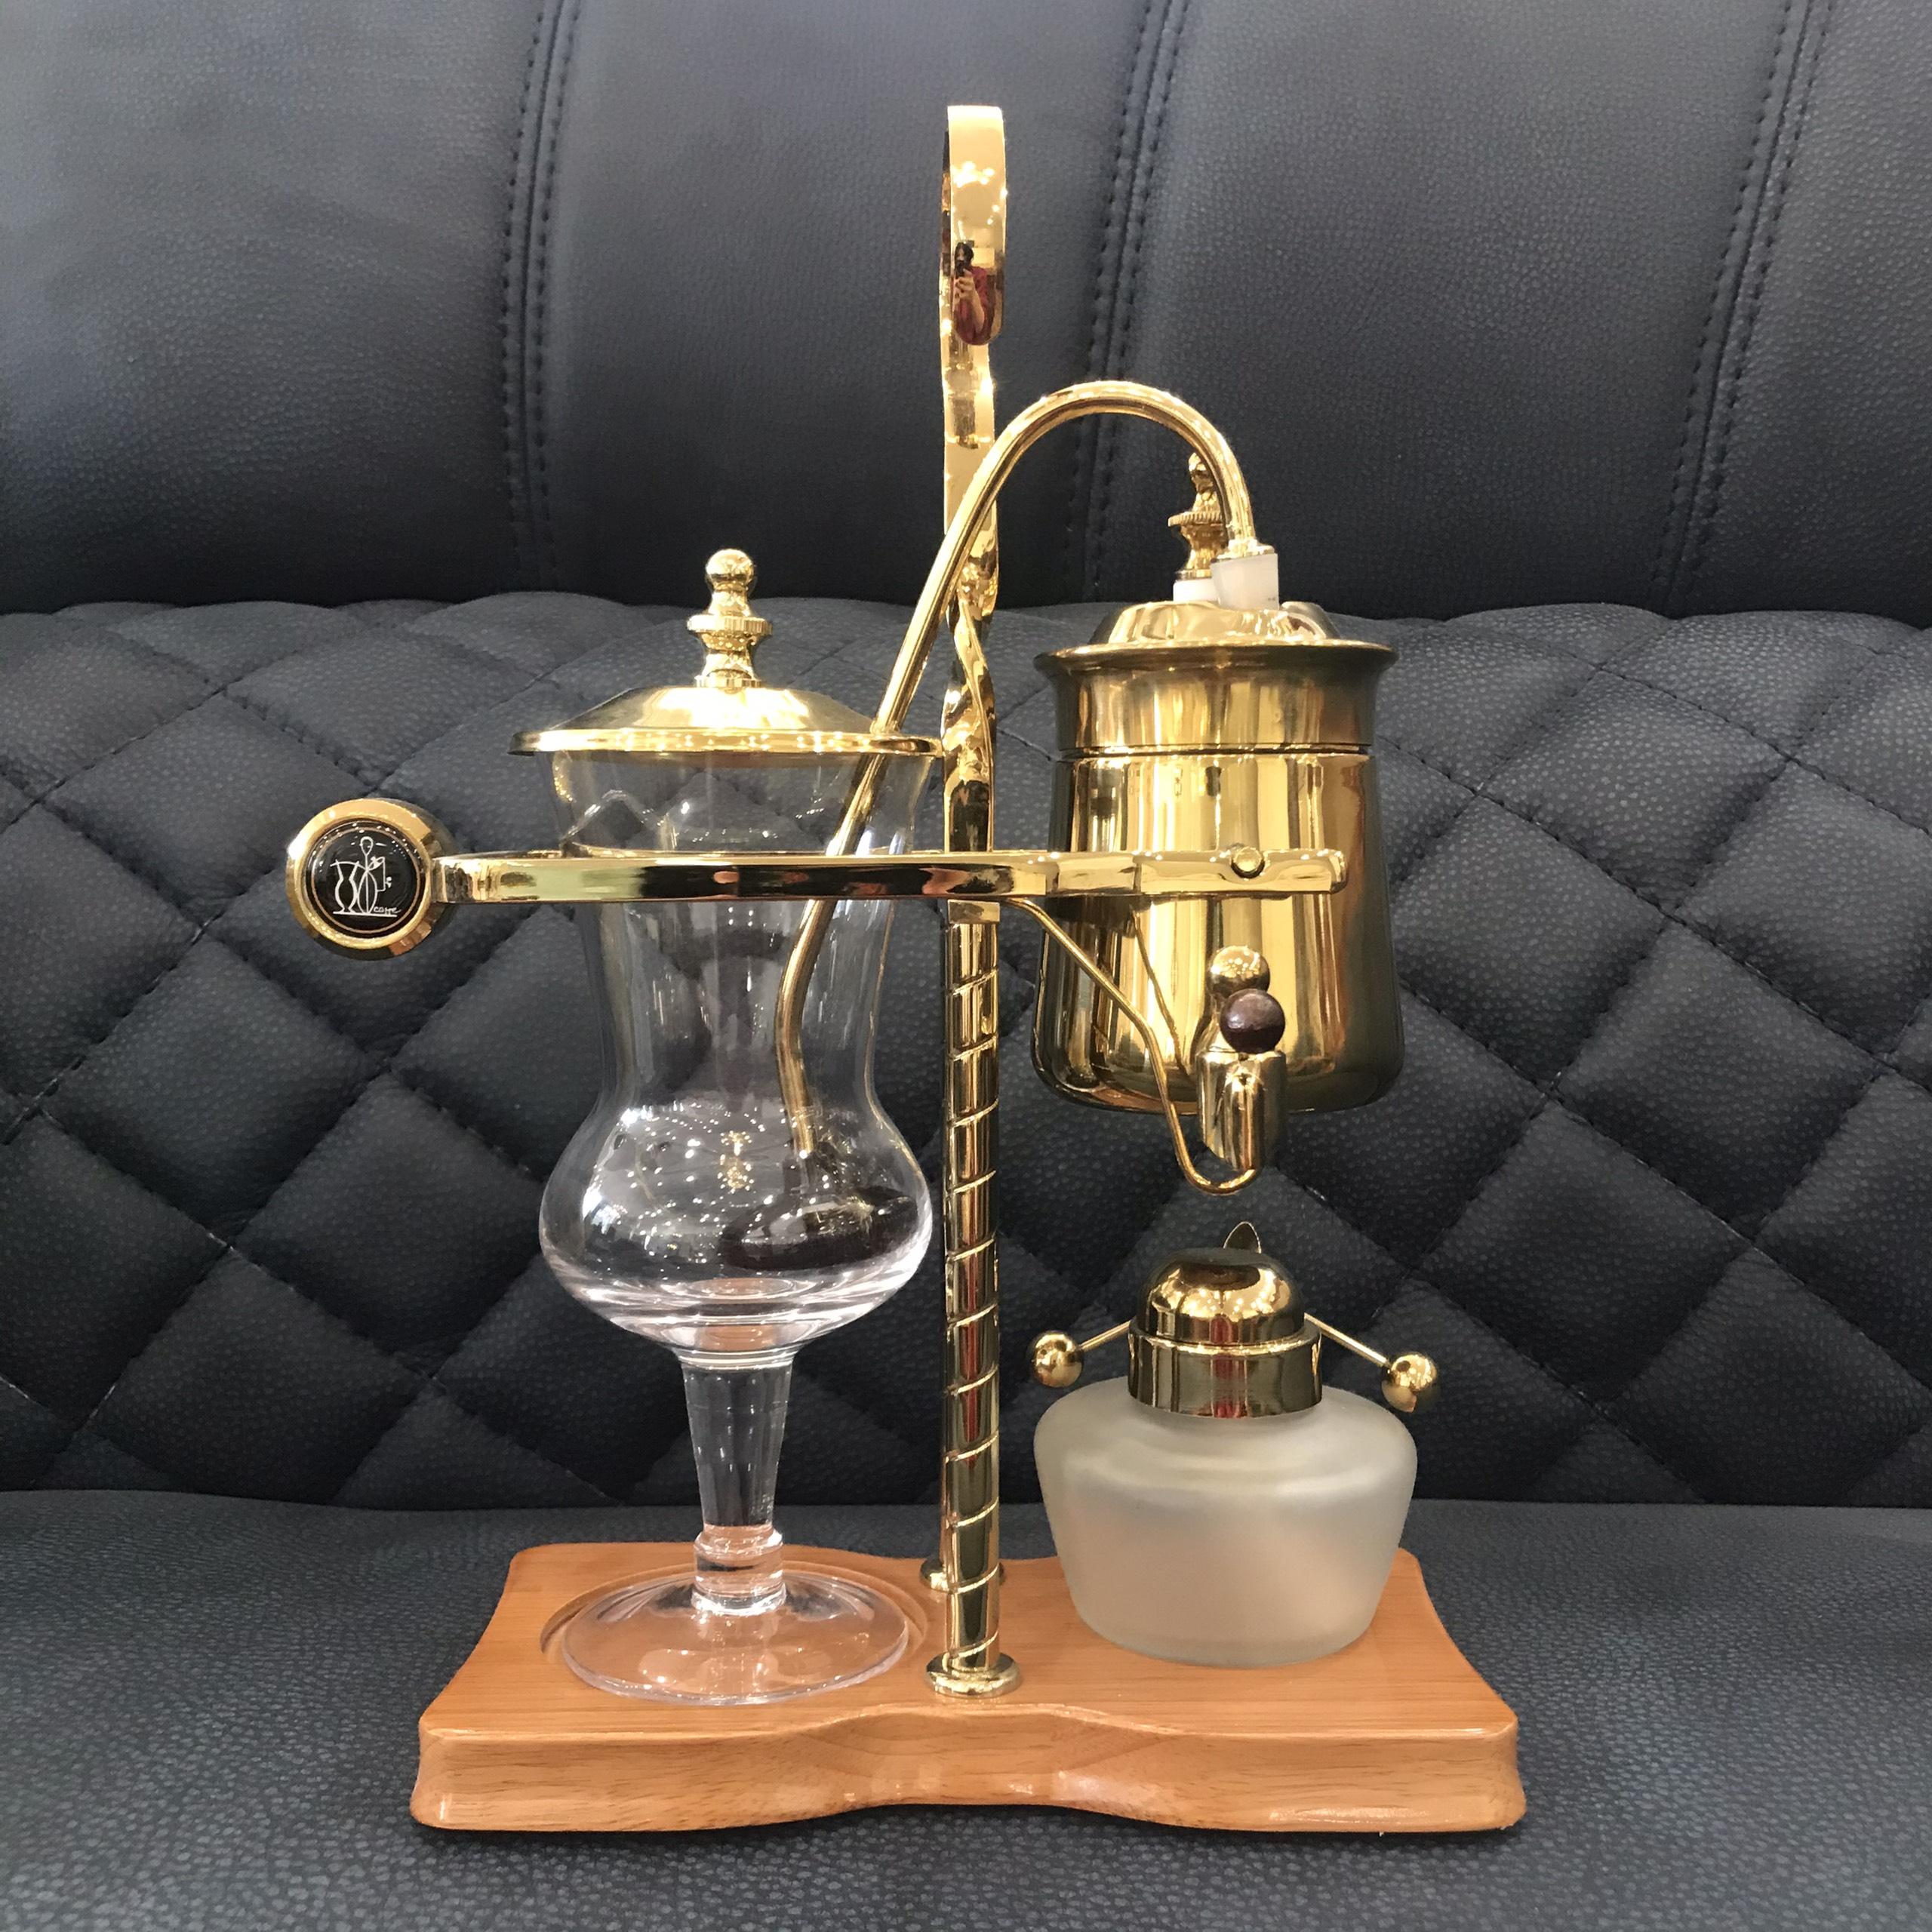 Máy pha cafe hoàng gia máy pha cafe phong cách tân cổ điển sang trọng dùng trang trí và sử dụng được